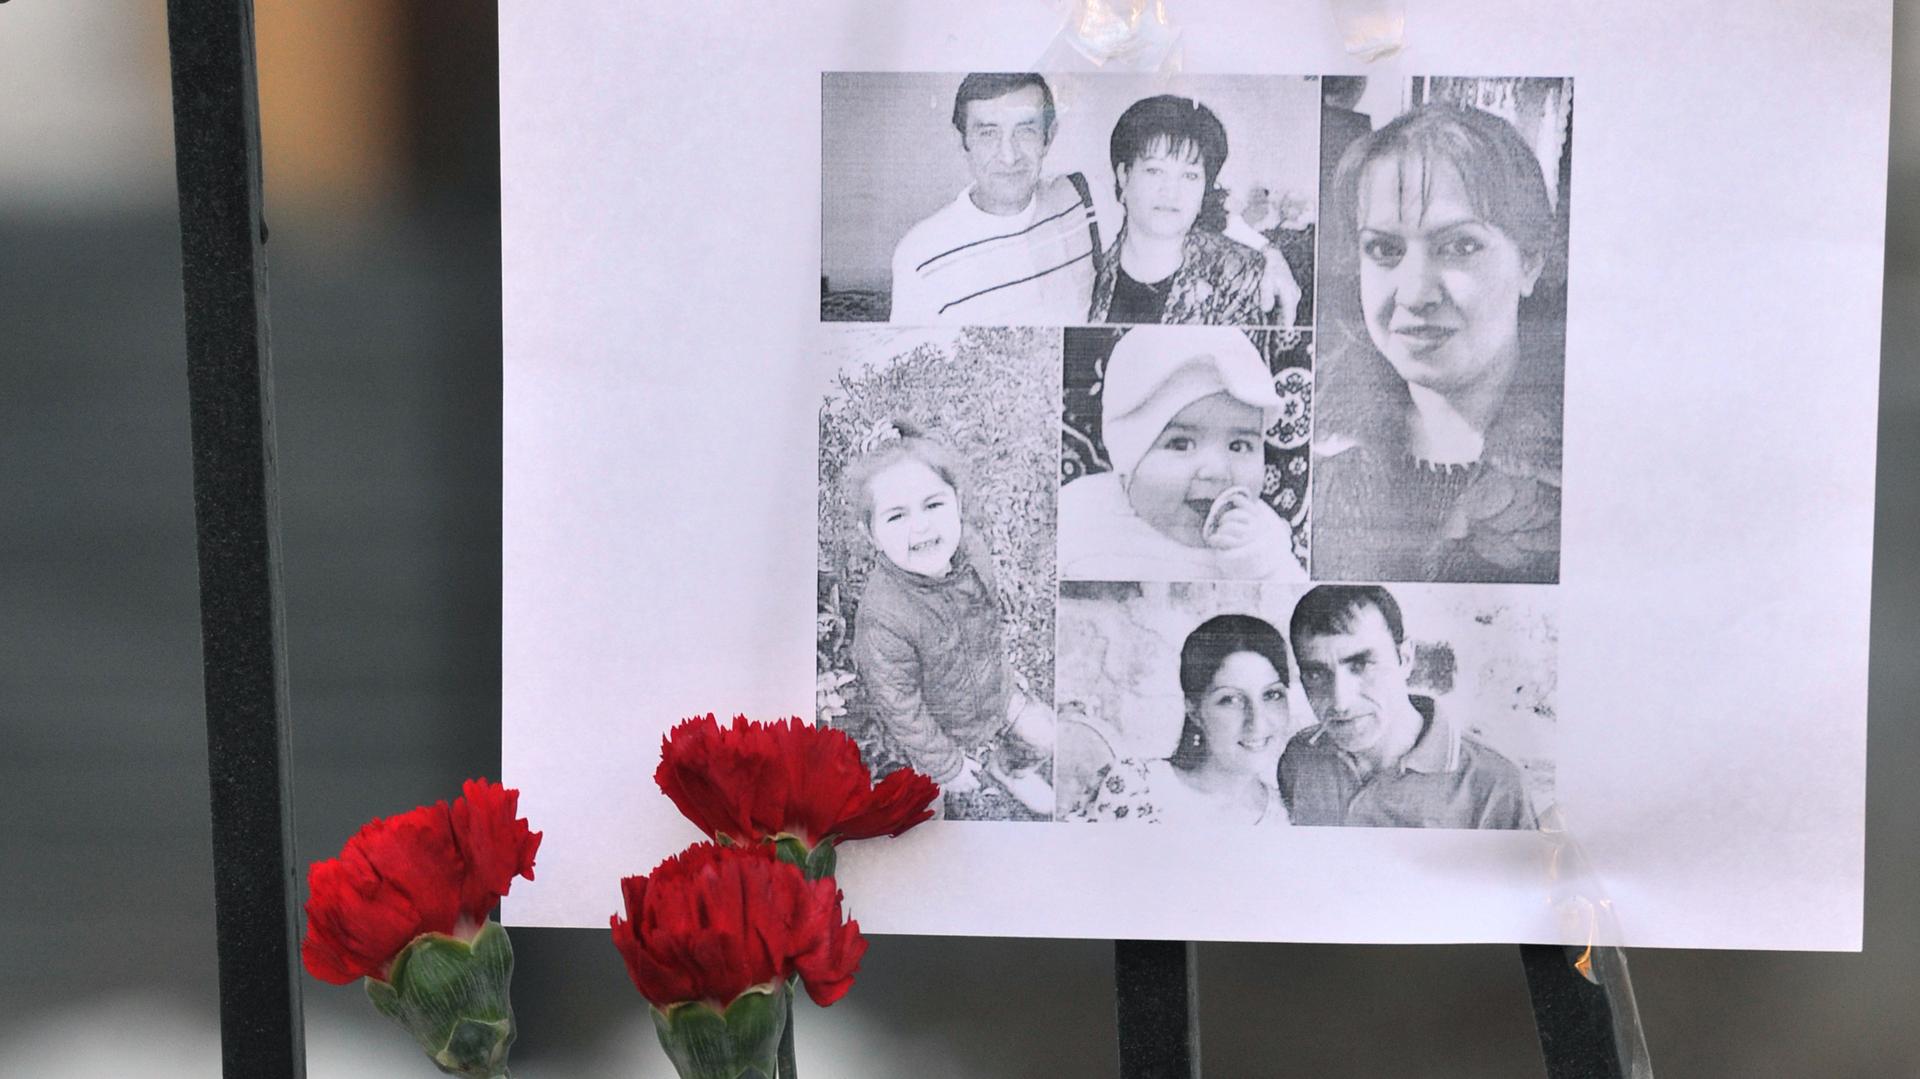 Российский солдат Пермяков приговорён к пожизненному сроку за убийства в Гюмри